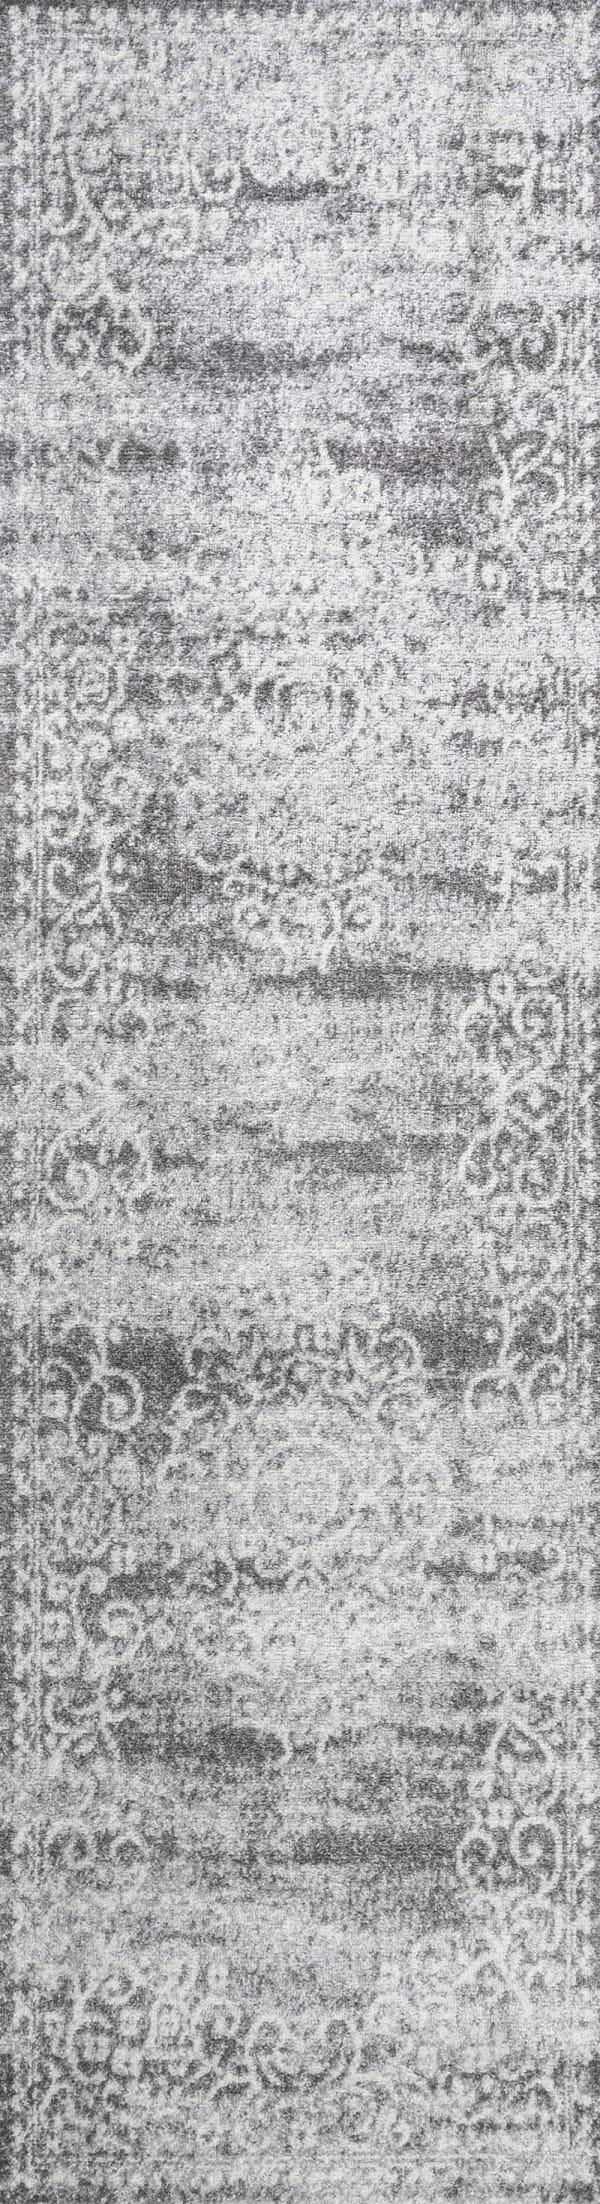 Filigree Medallion Light Gray/Cream 2.25' x 8' Runner Rug